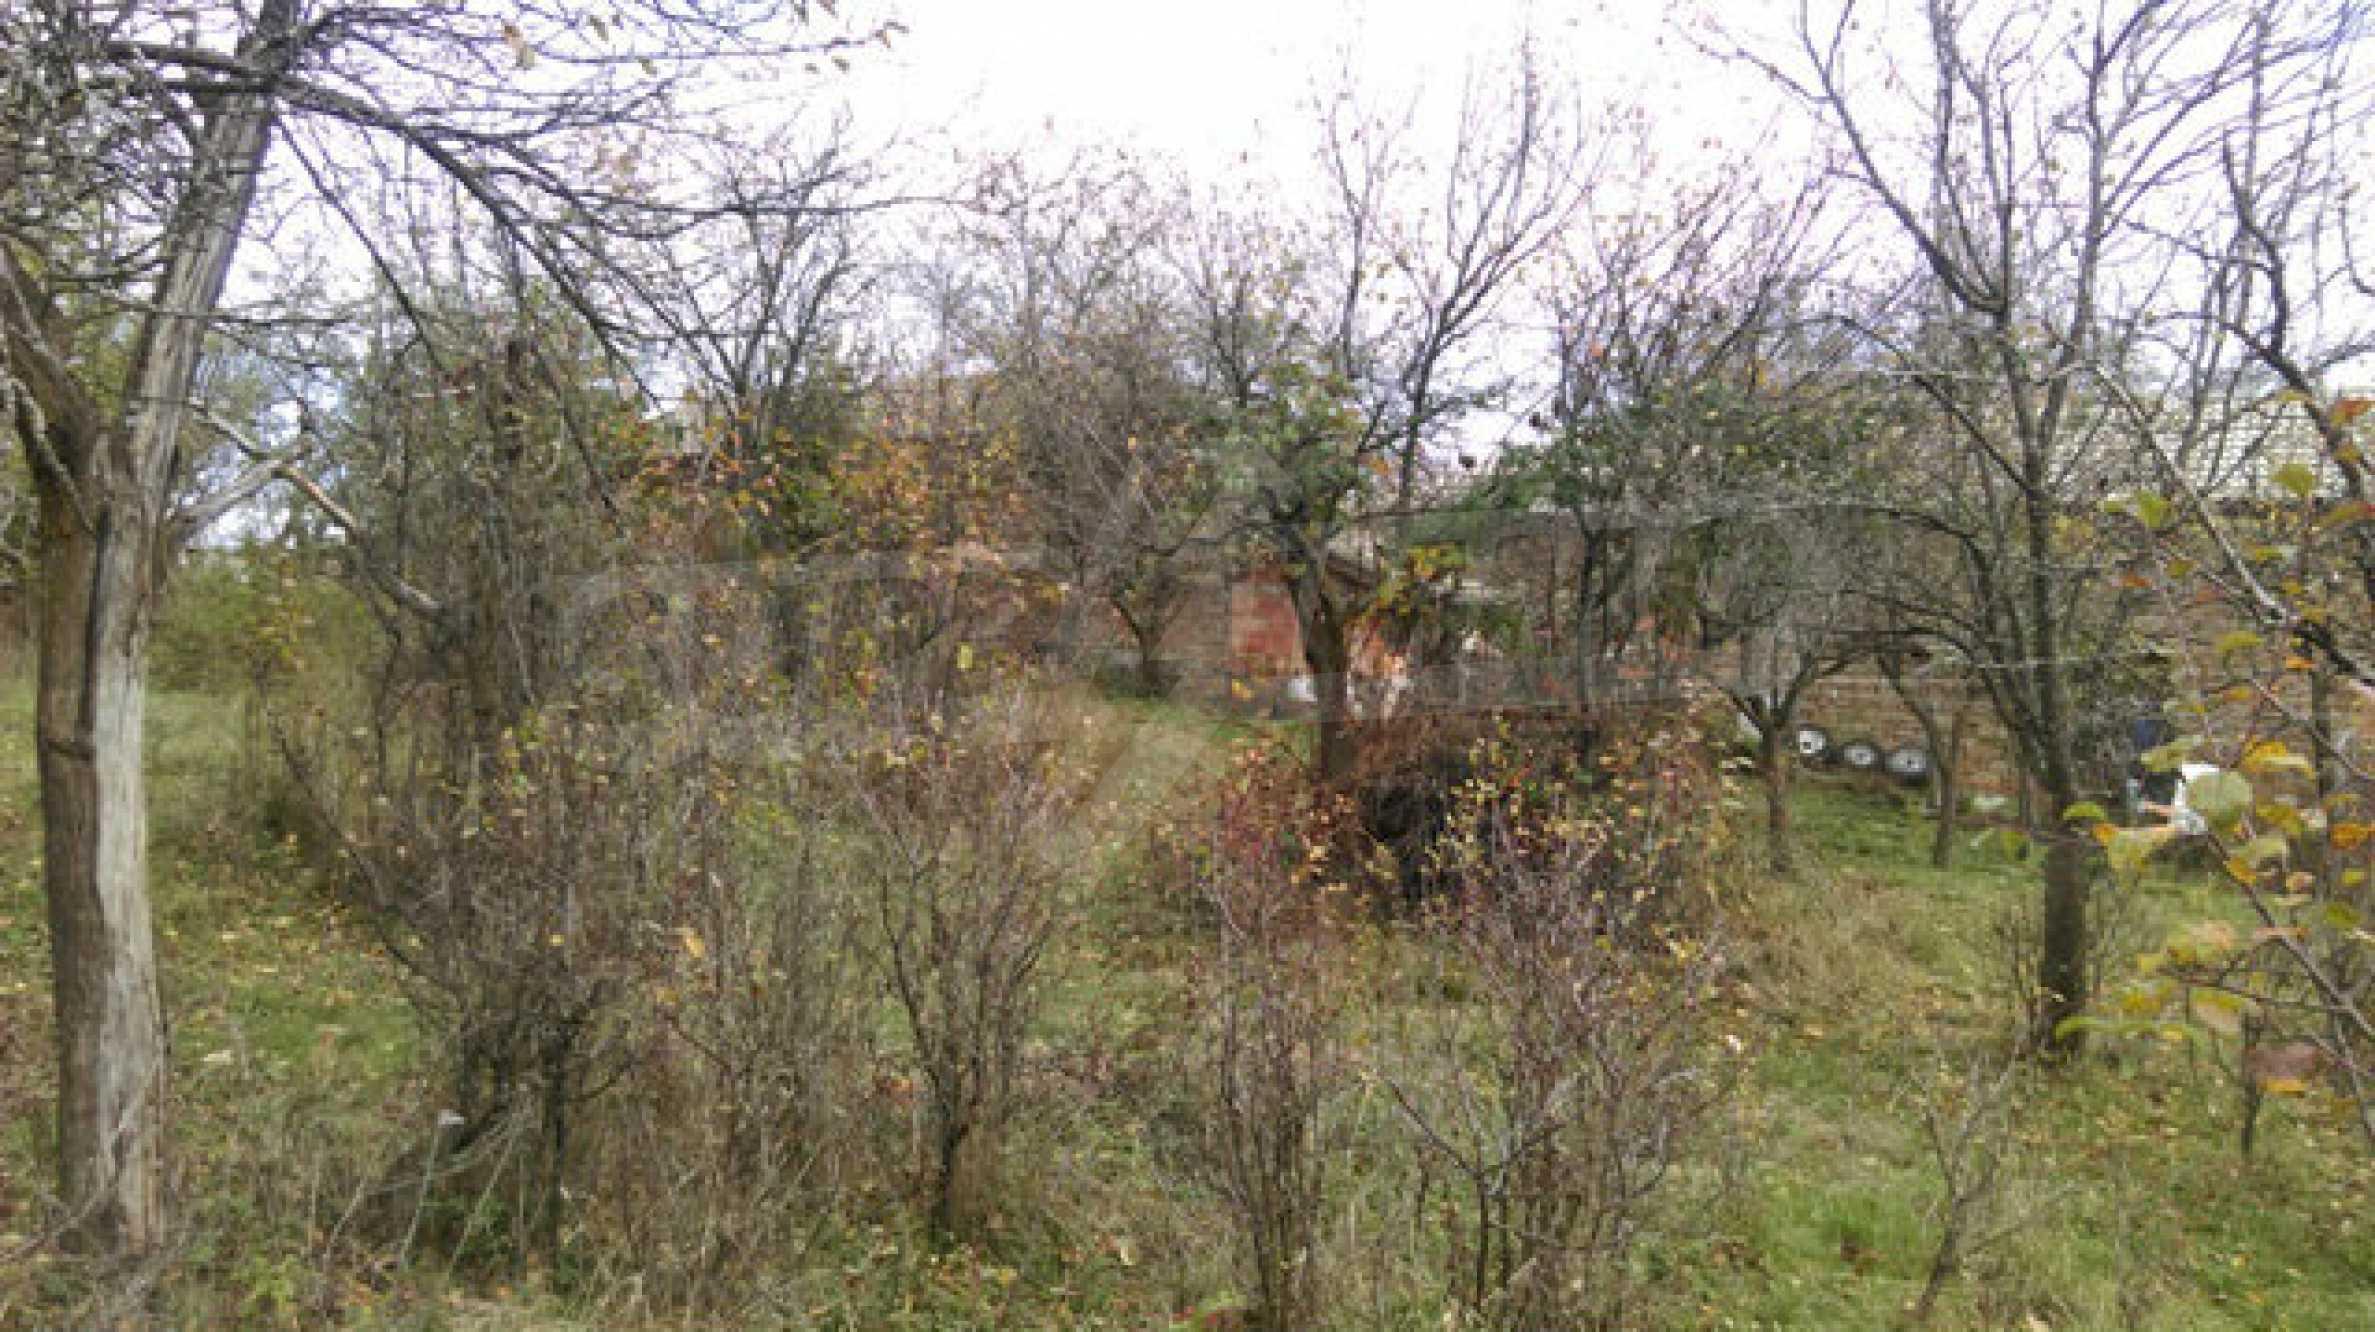 Къща за продажба близо до гр. Велико Търново 42